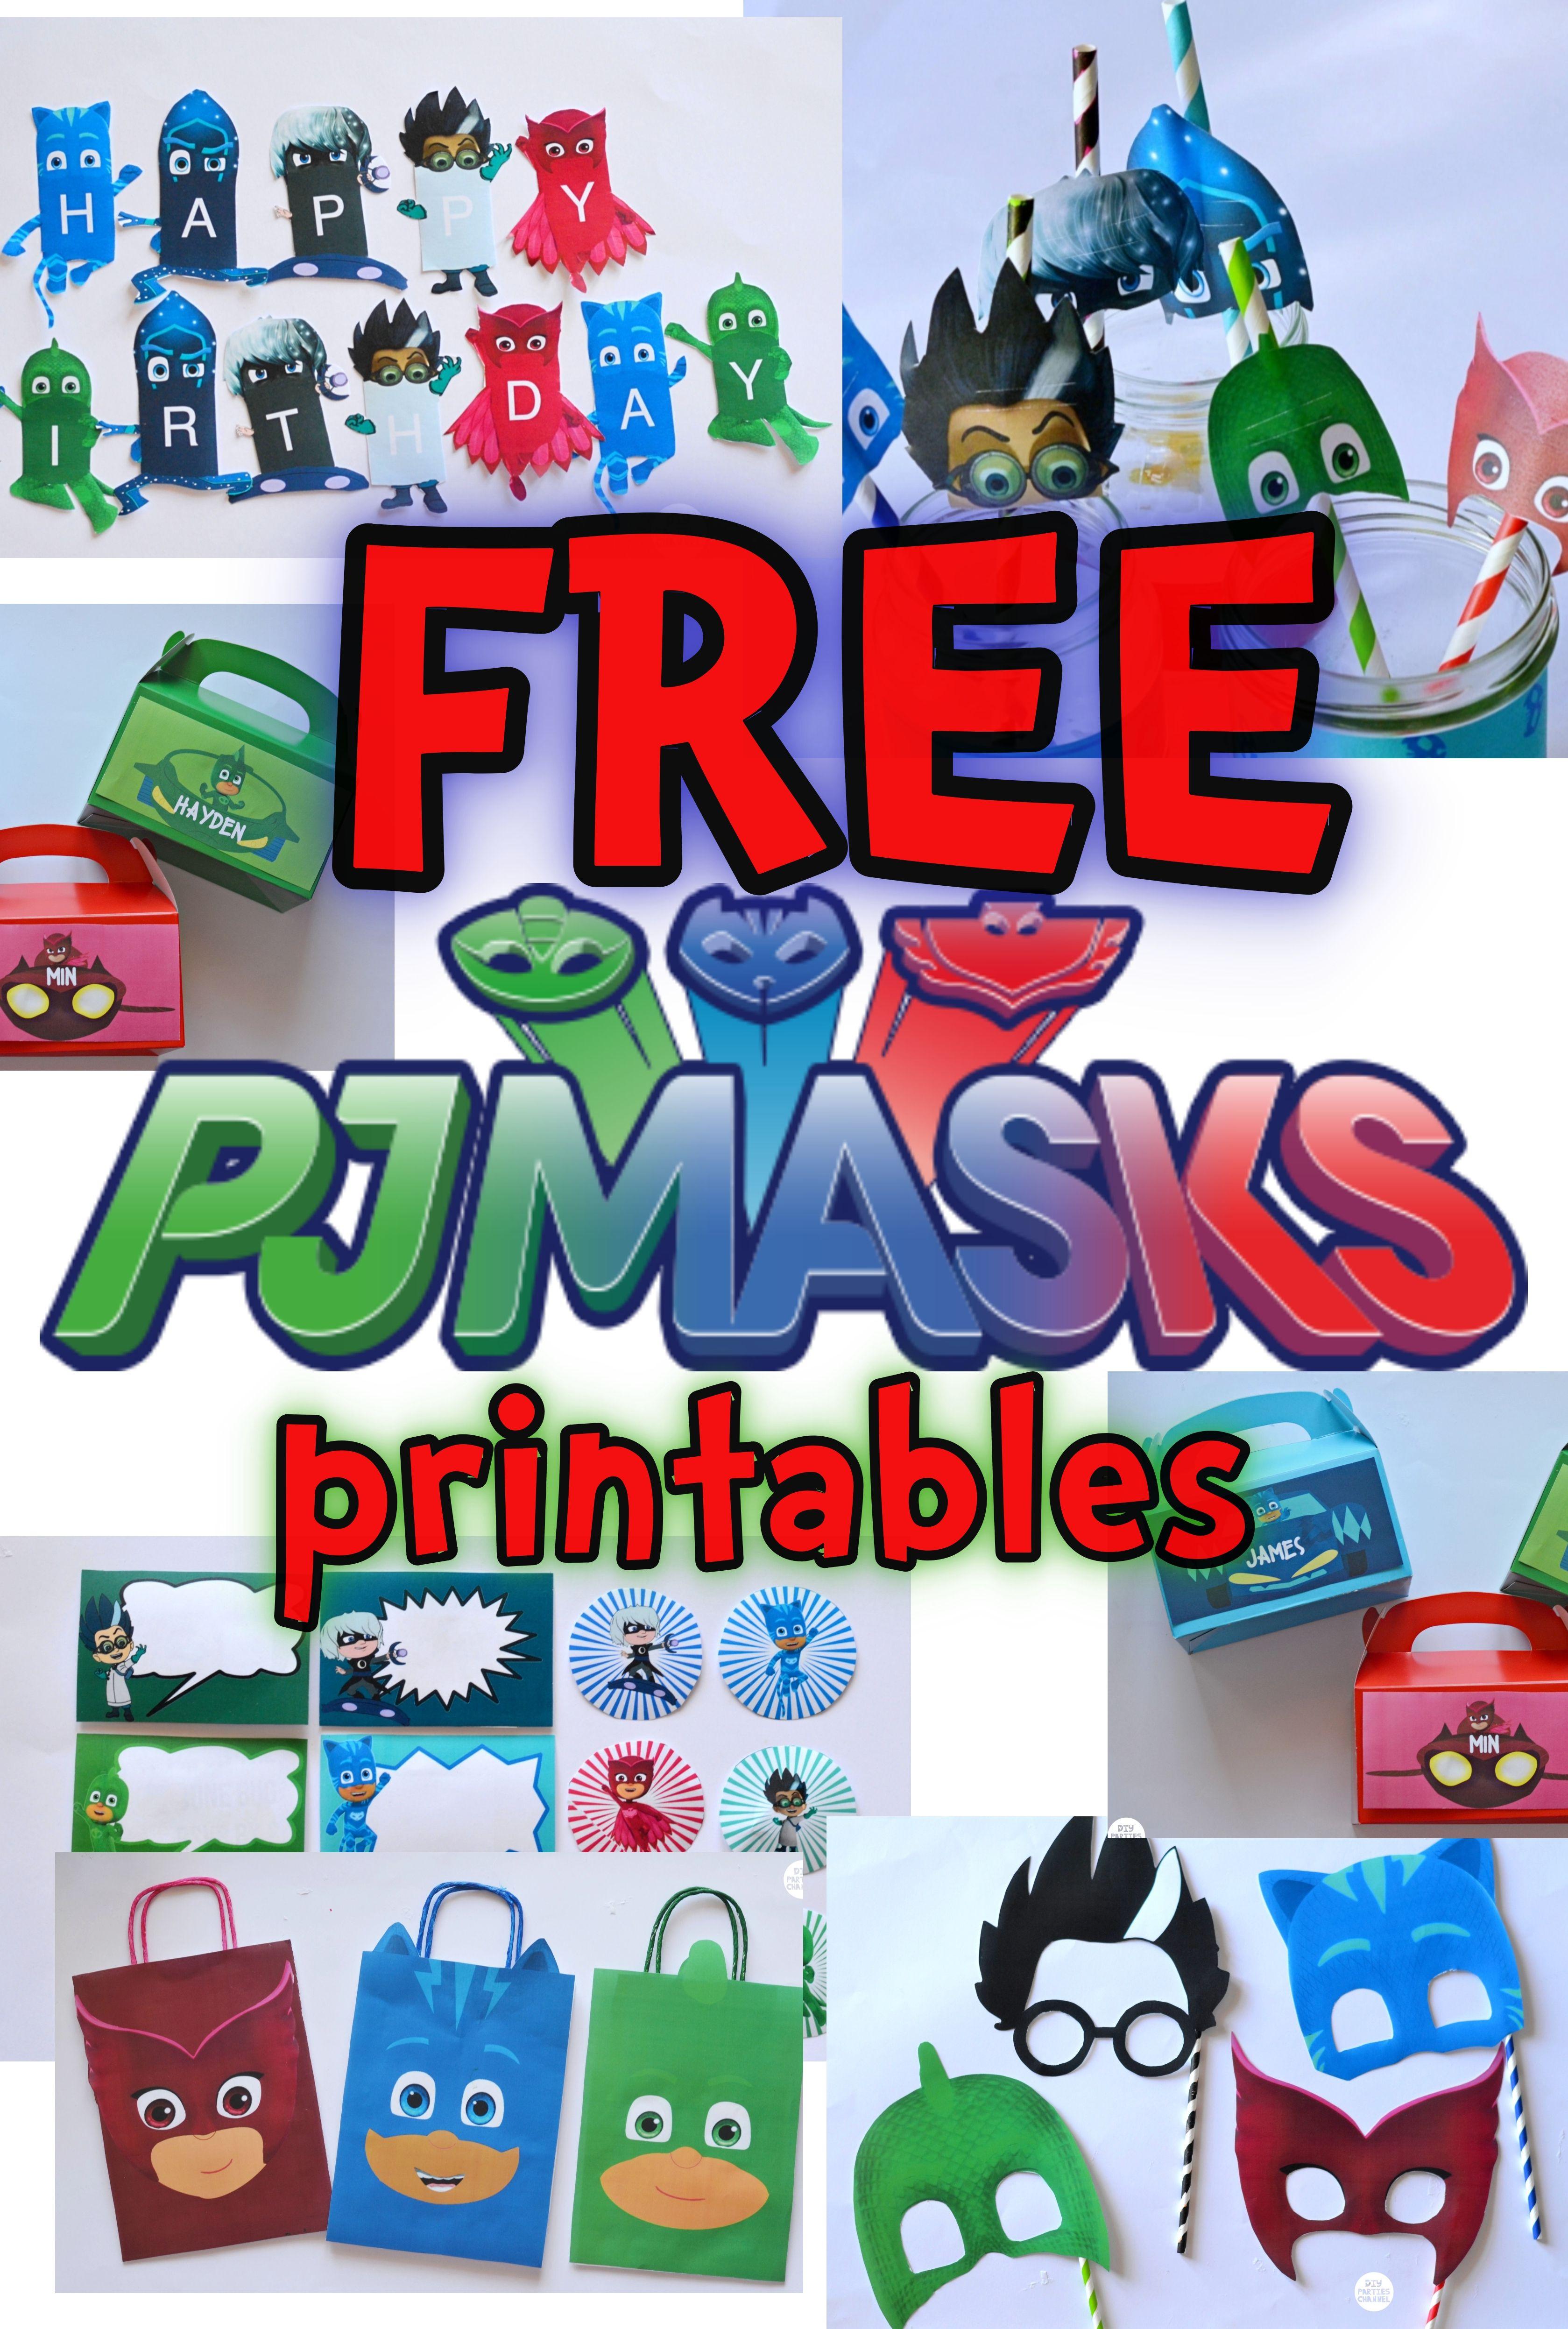 Pj Masks Printable Images